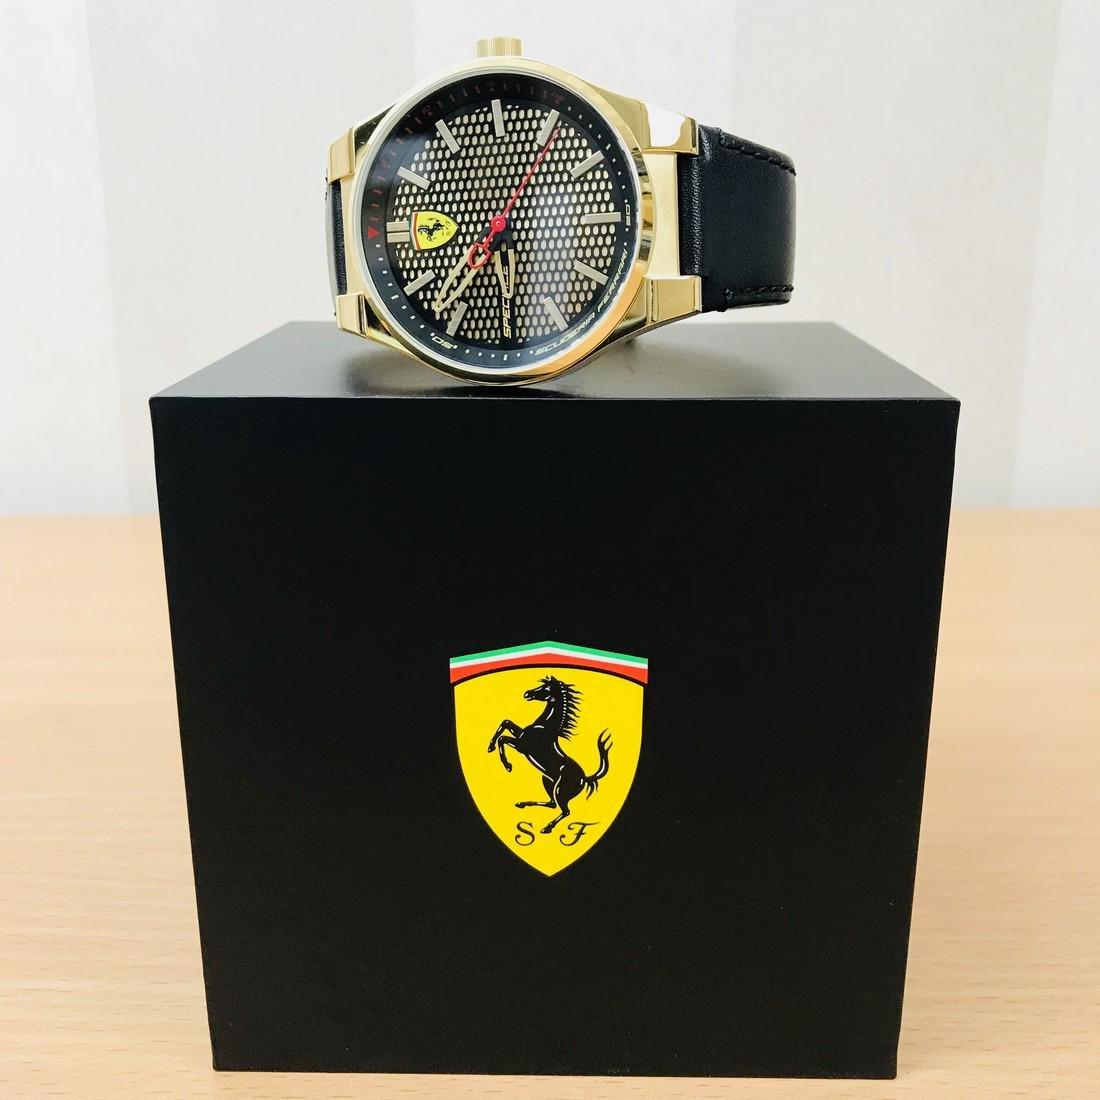 Scuderia Ferrari – SPECIALE Men's Gold Plated Watch - 4